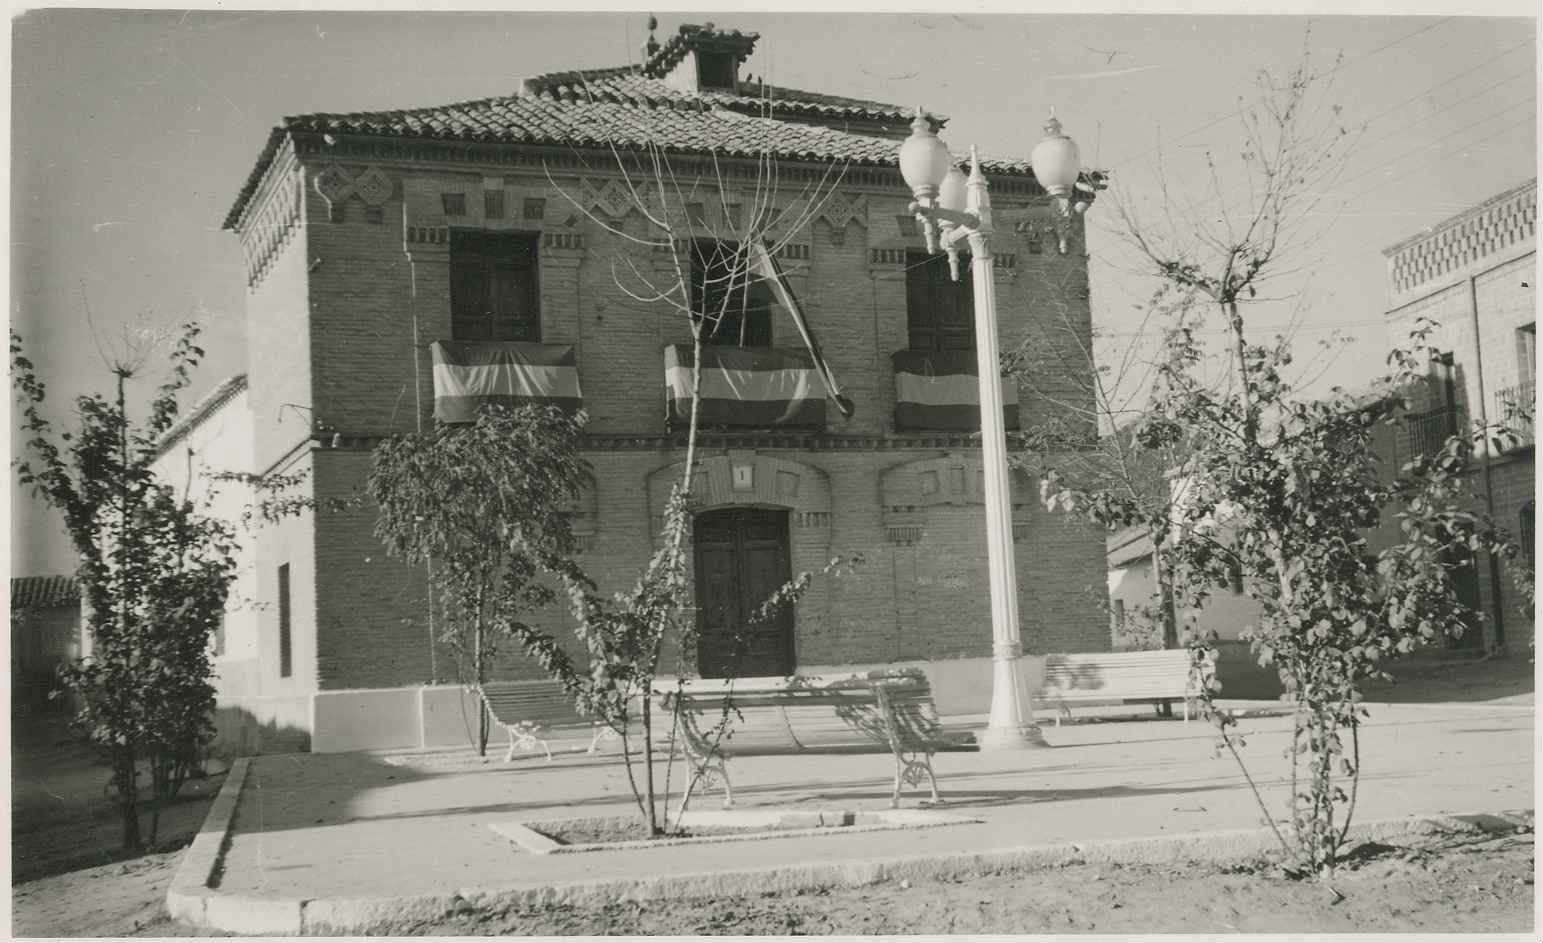 Camarenilla. Casa Ayuntamiento. 1958 (P-79)